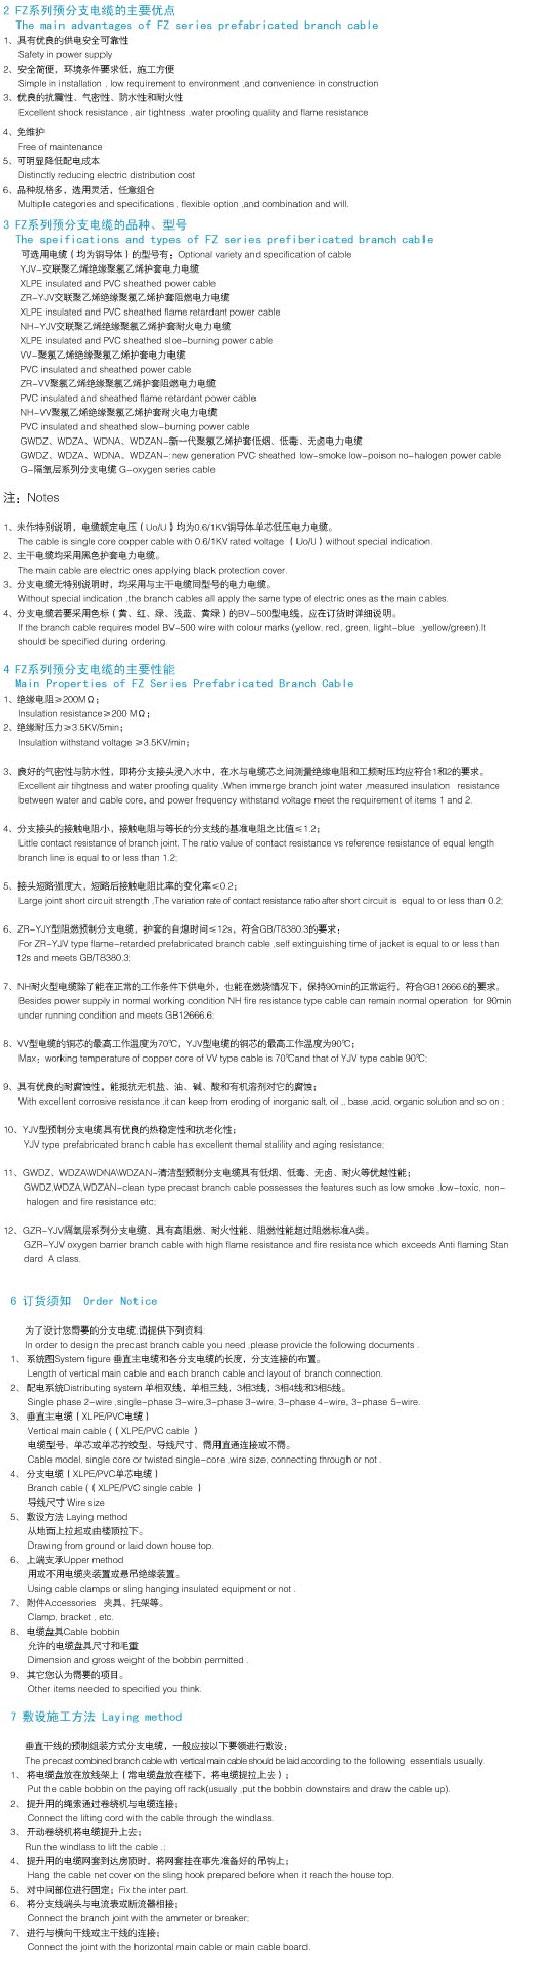 上海起帆电缆_预分支电缆